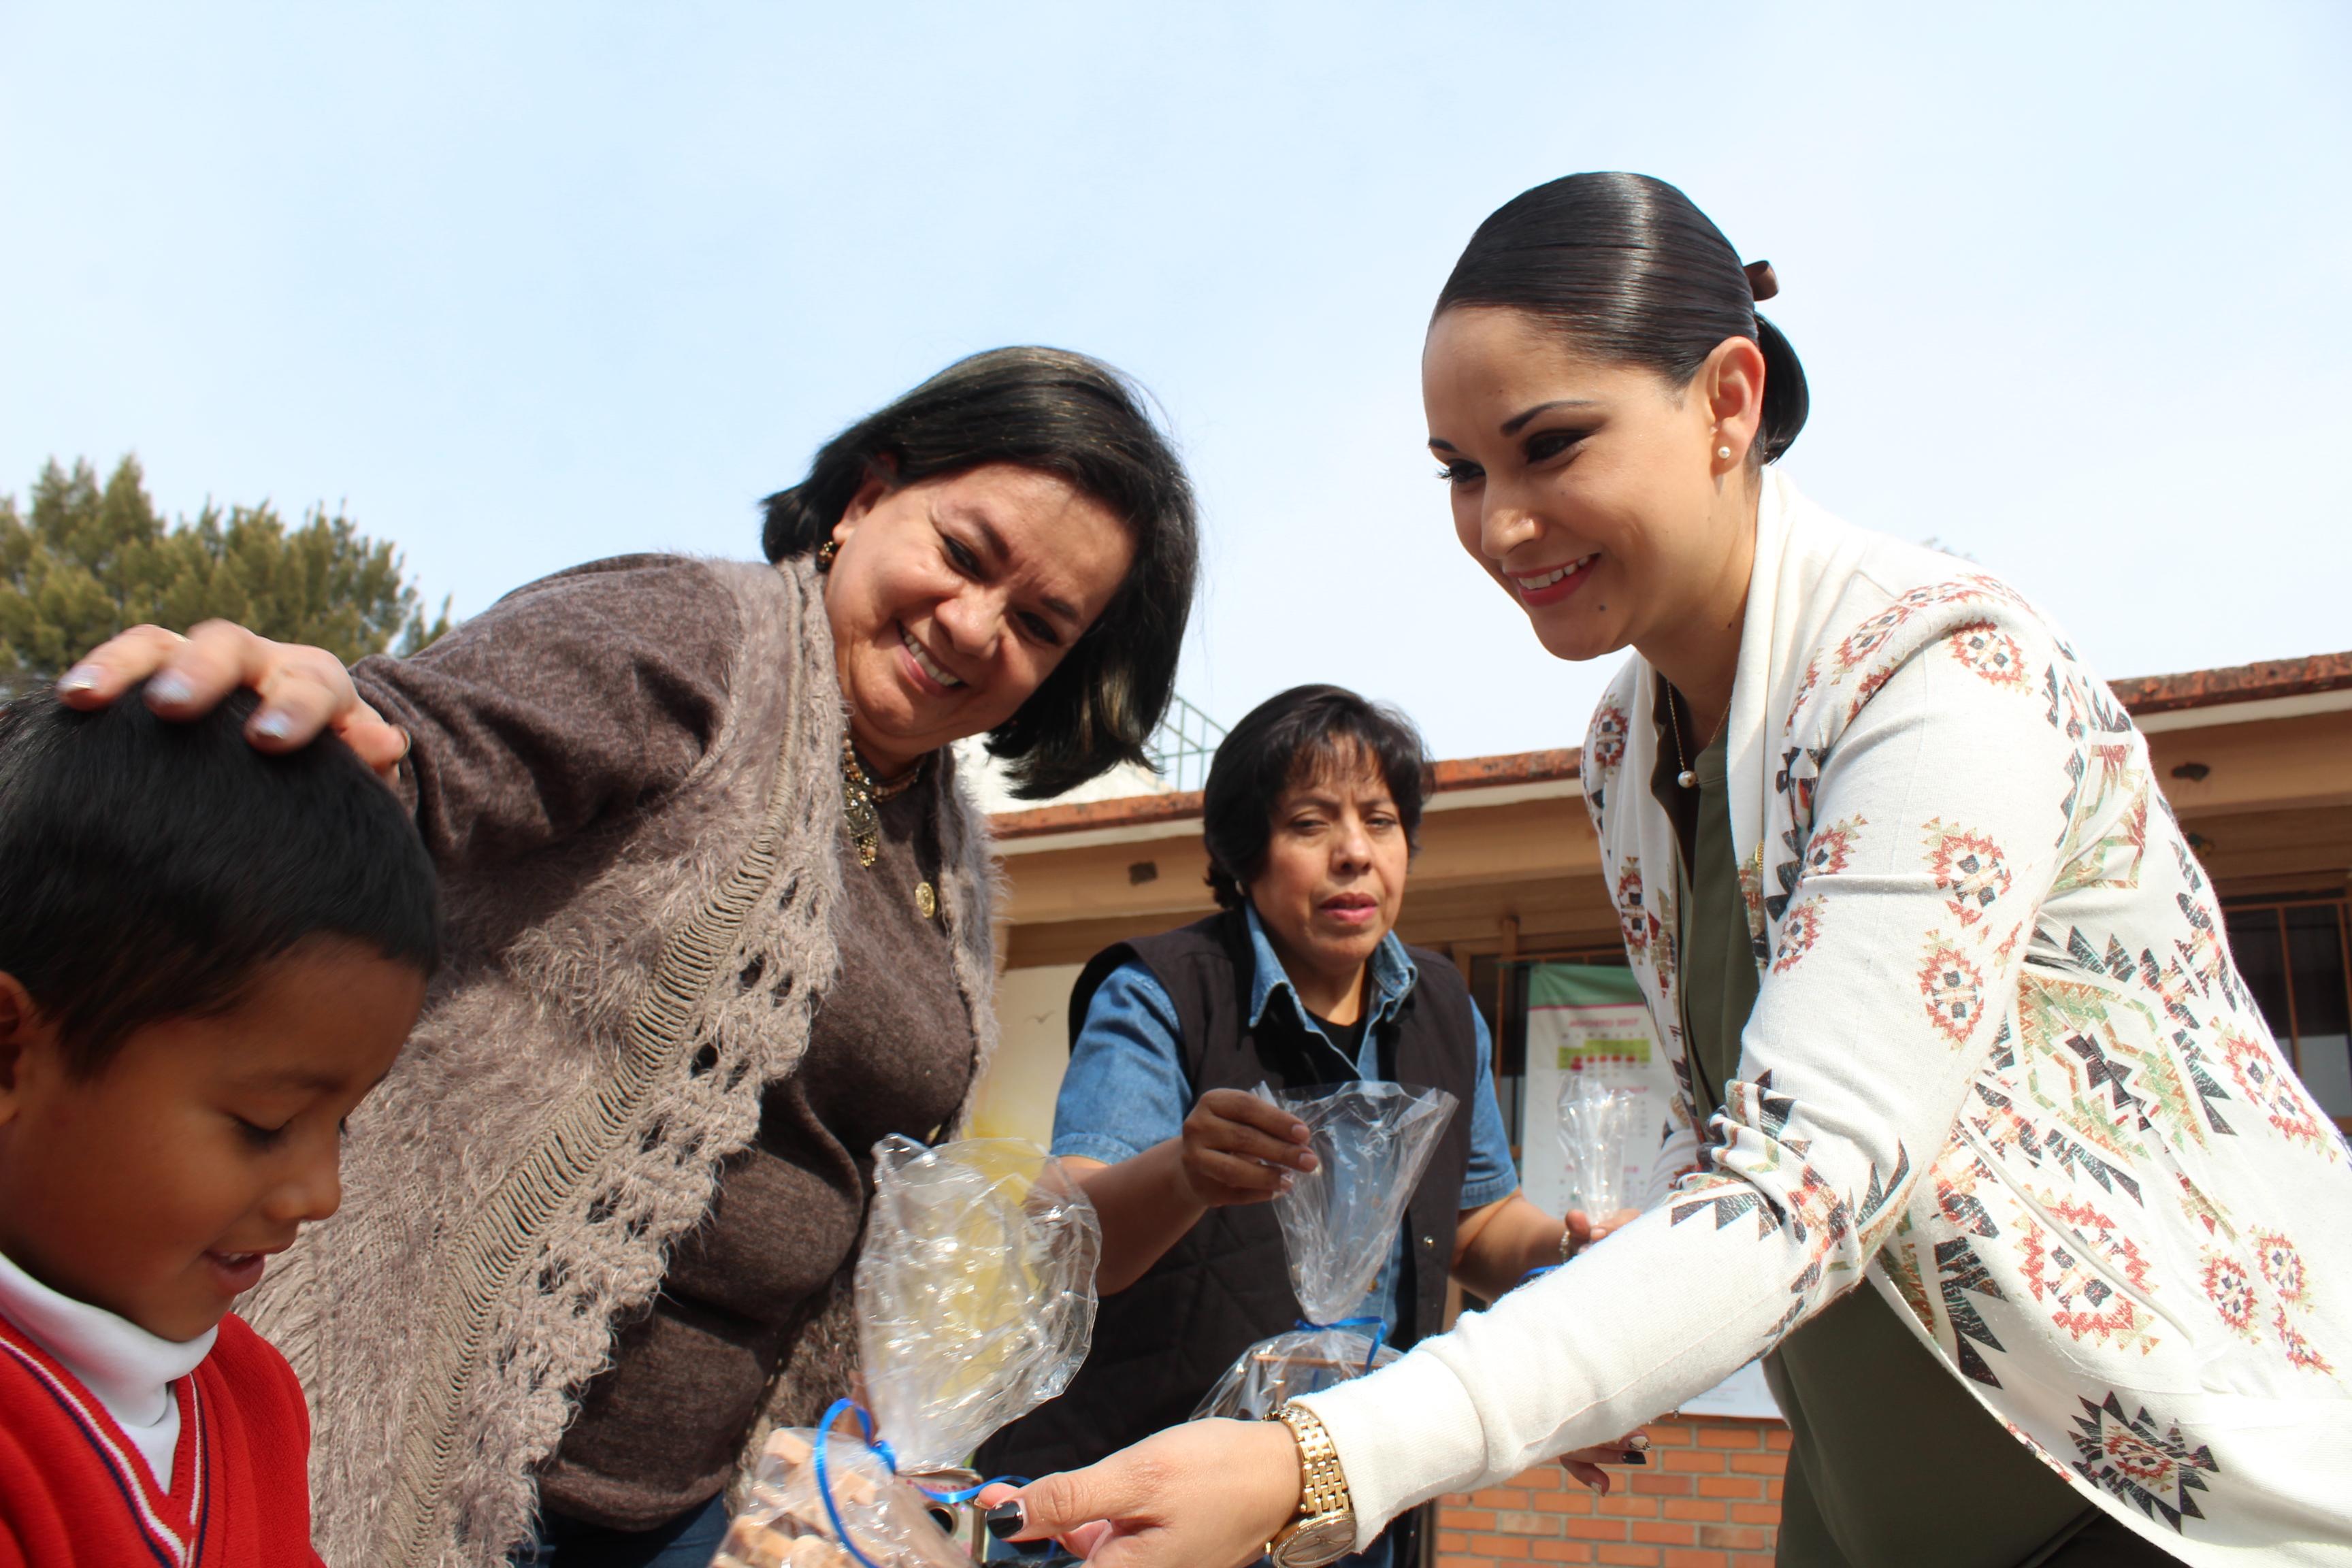 La presidenta de DIF Yvonne Martínez y la directora Aracely Navarrete, entregaron durante todo el mes de enero más de 500 juguetes